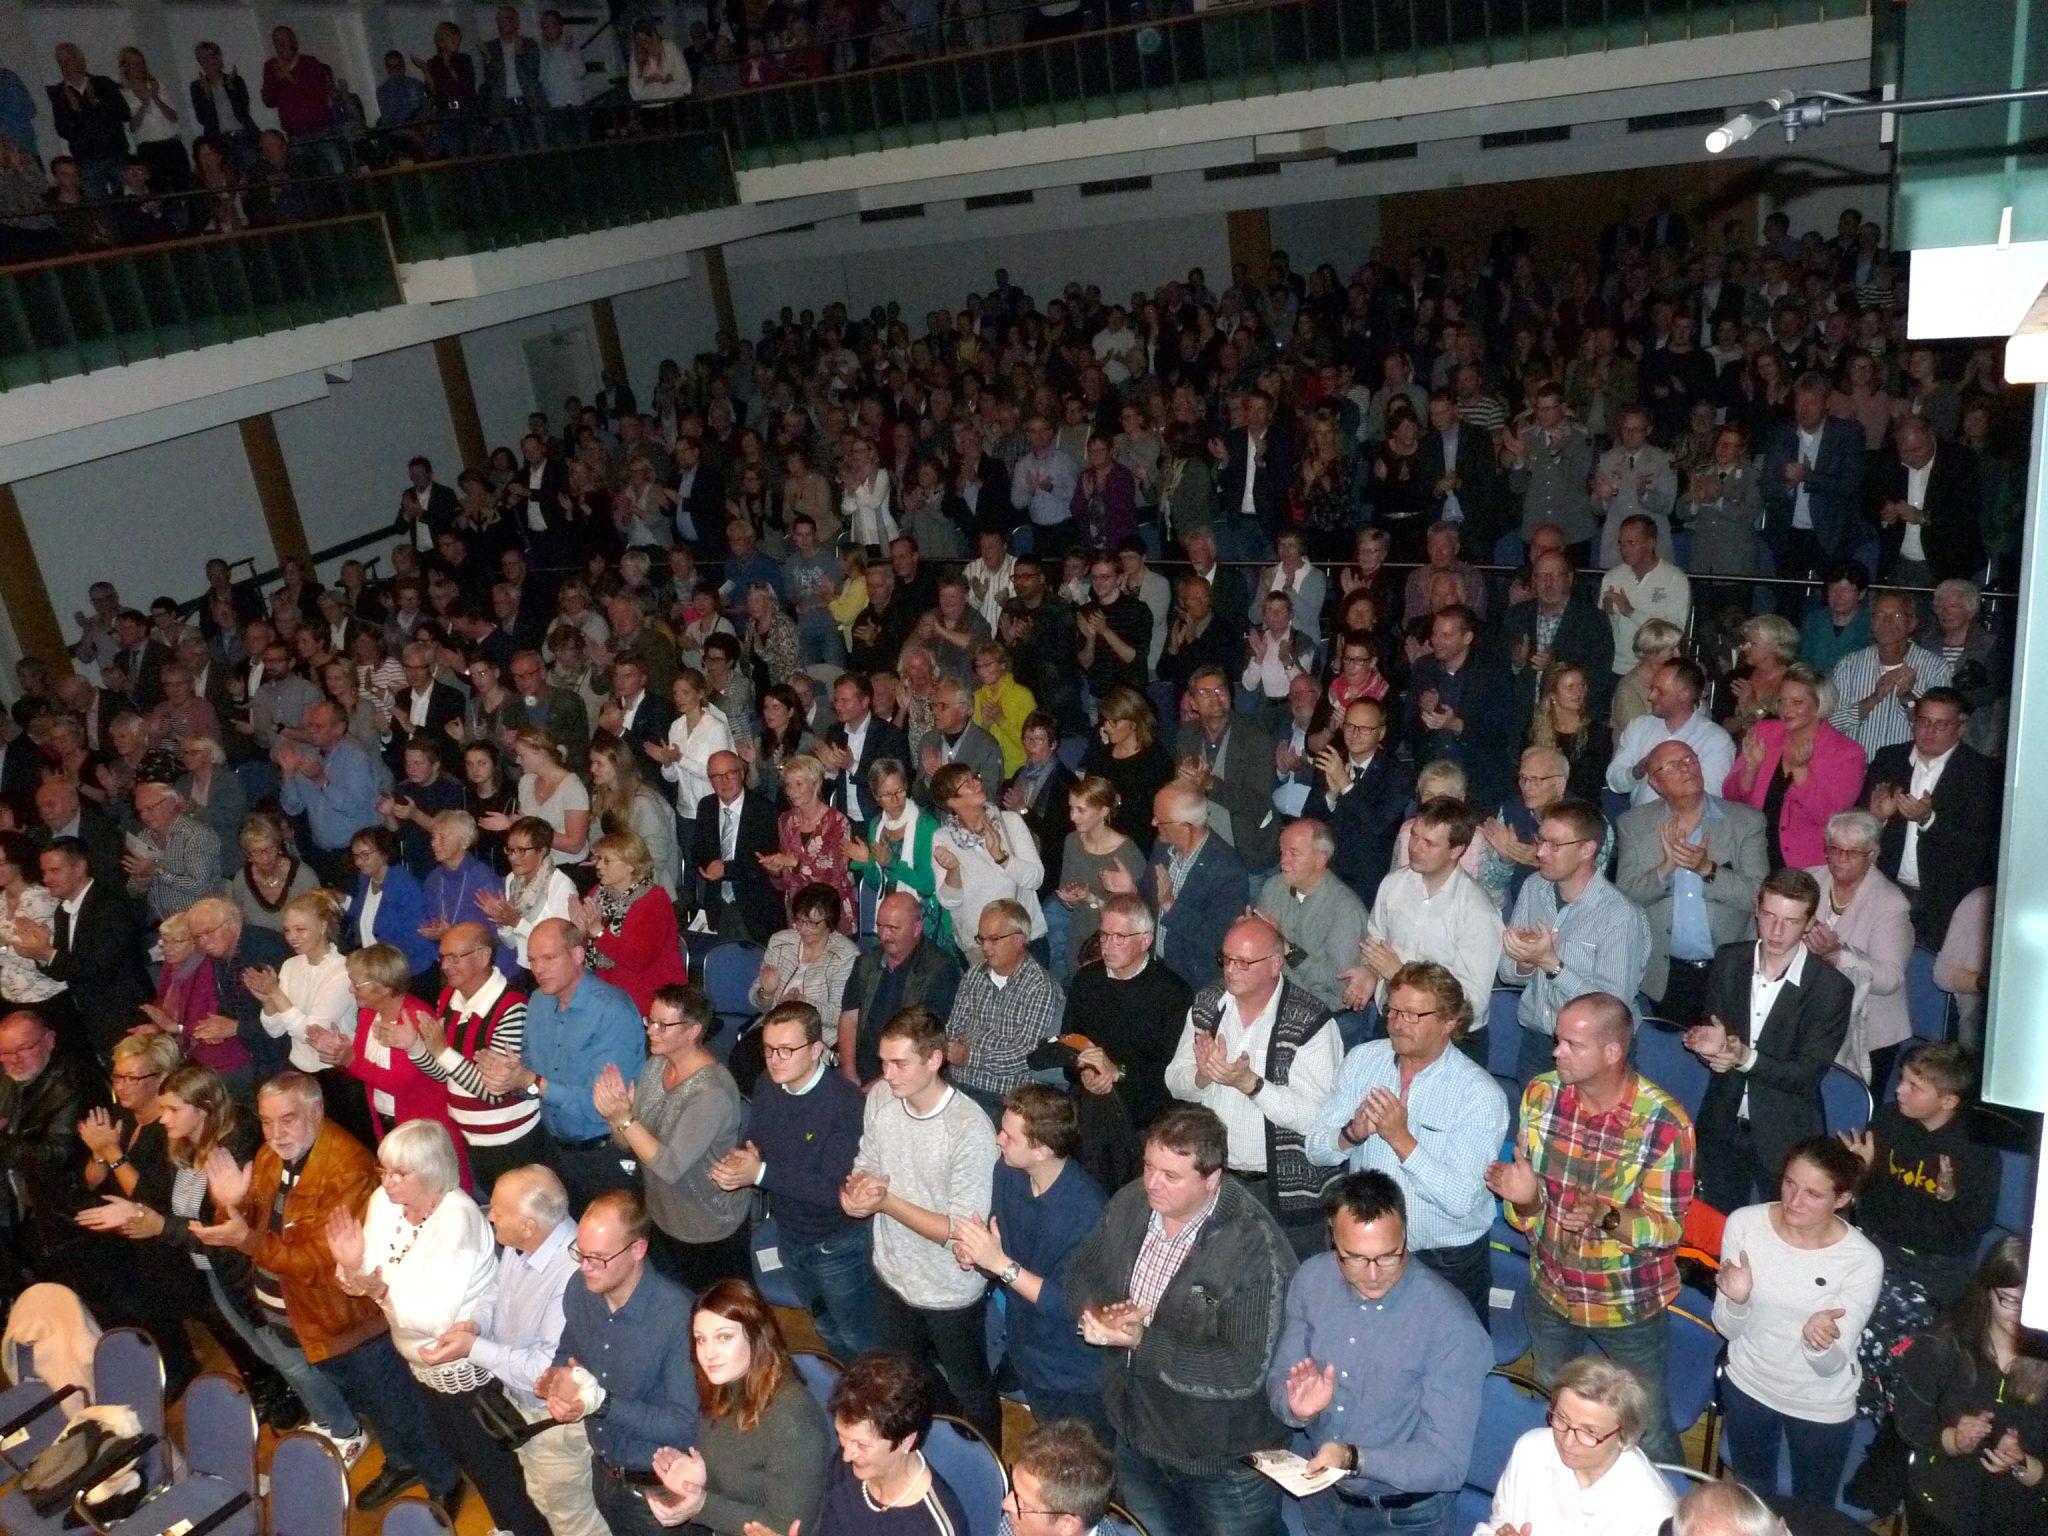 Die Zuhörer dankten dem Musikkorps der Bundeswehr in der ausverkauften Olper Stadthalle mit stehenden Ovationen für einen Konzertabend der Extraklasse. Foto: mari